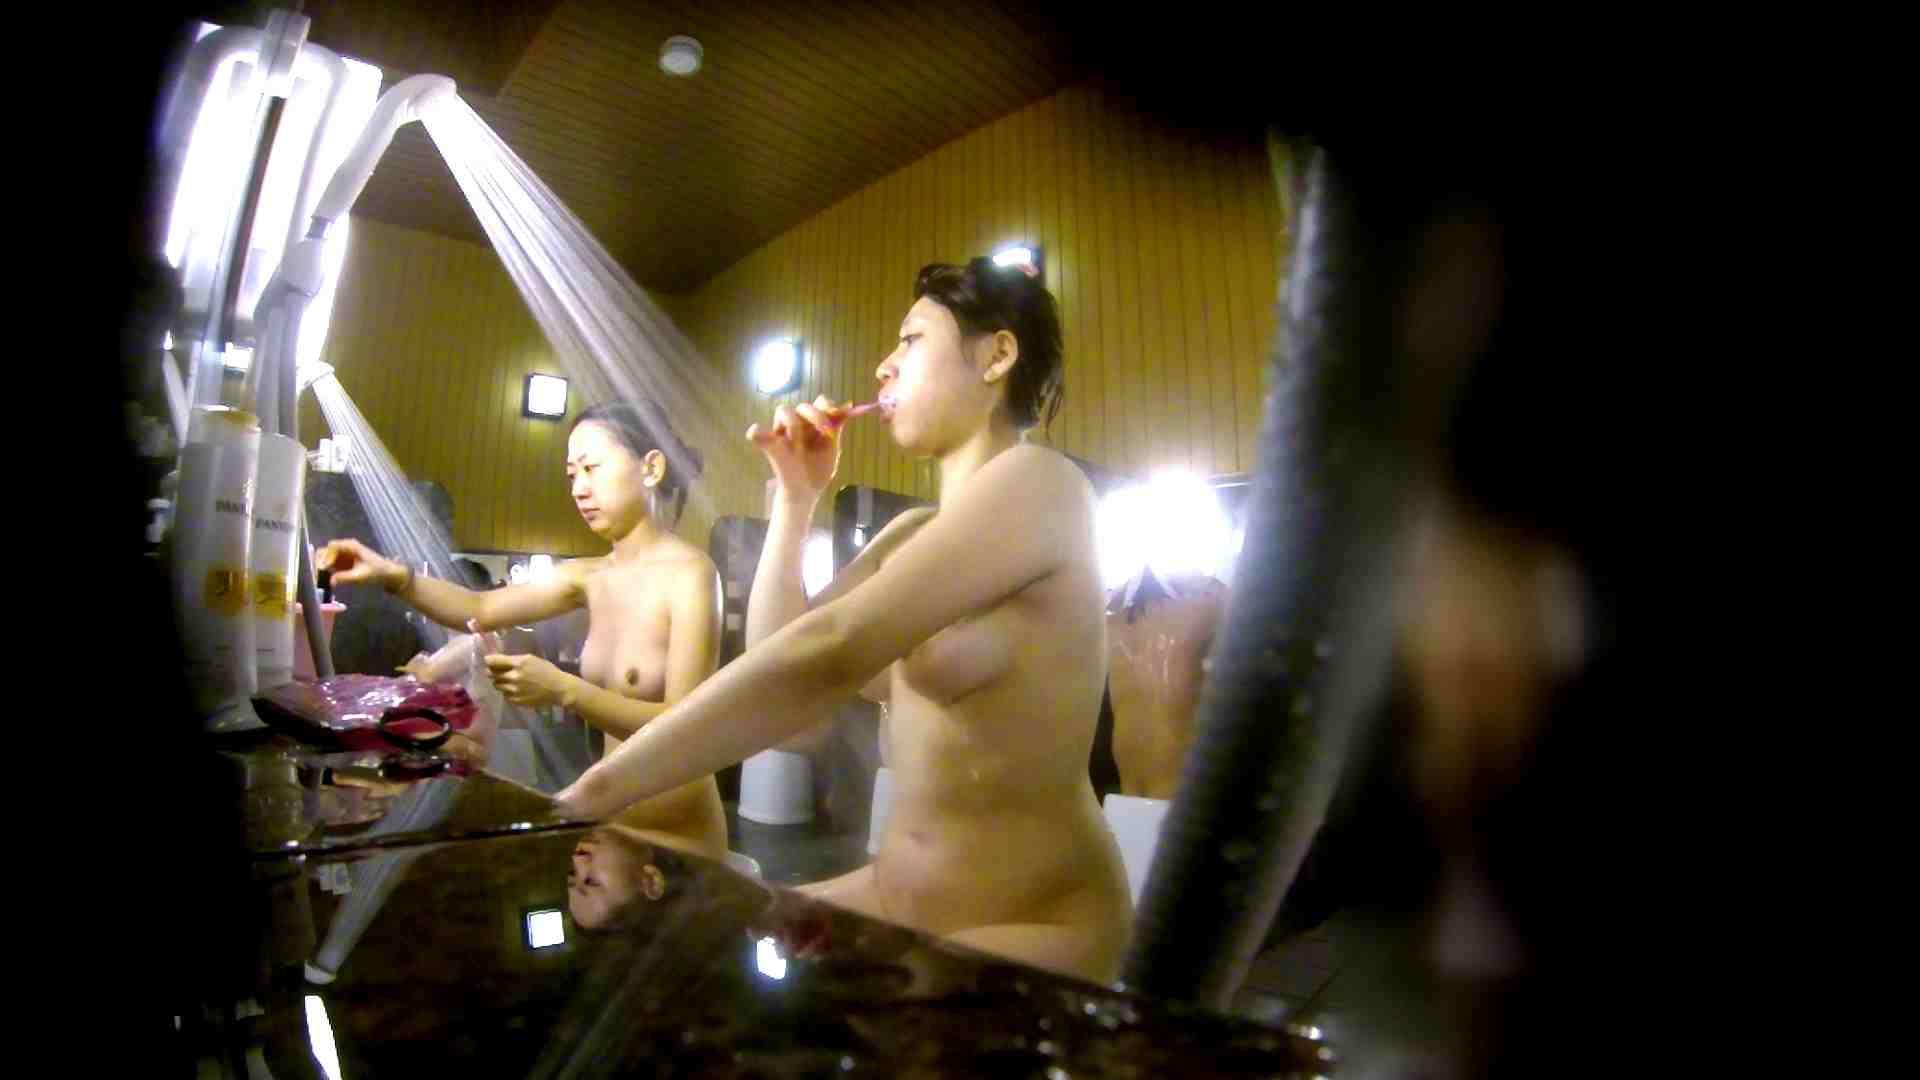 洗い場!柔らかそうな身体は良いけど、歯磨きが下品です。 お姉さん攻略 AV動画キャプチャ 107画像 16